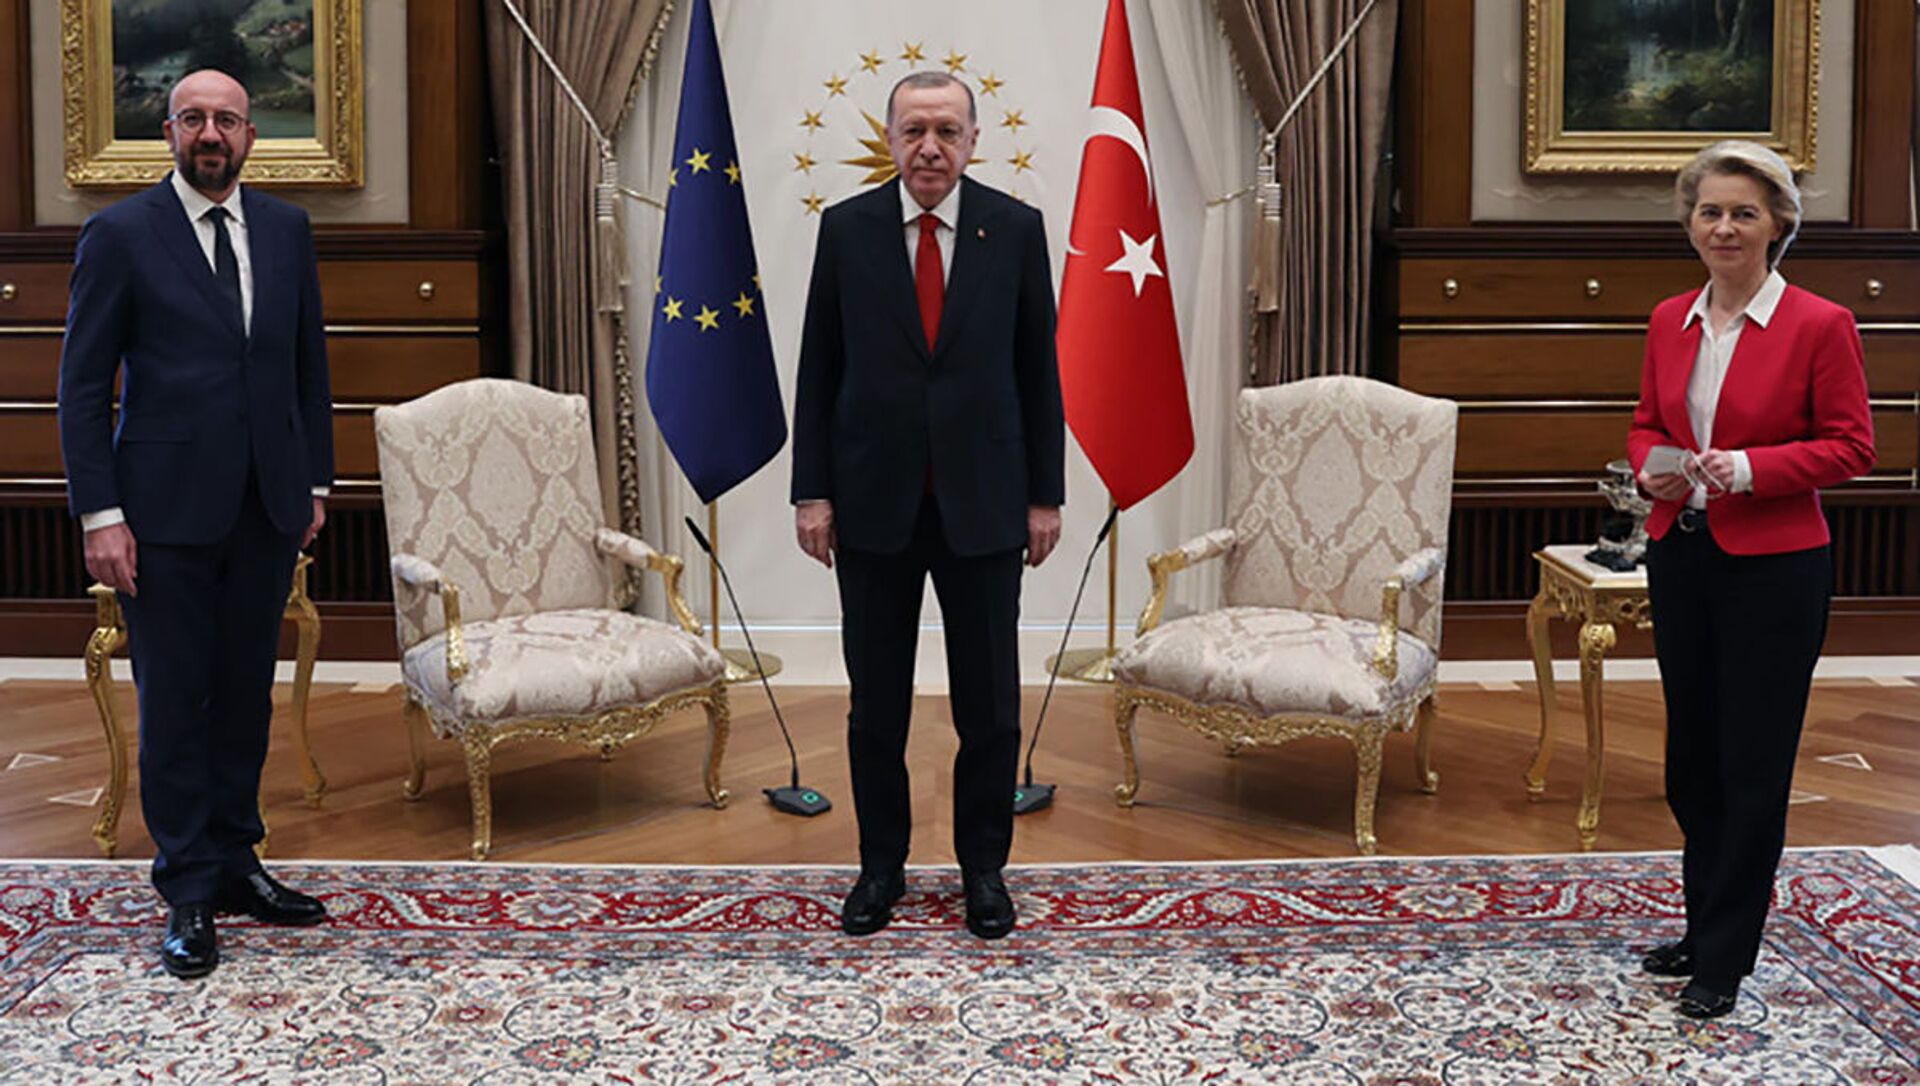 Schůzka tureckého prezidenta Recepa Tayyipa Erdogana s předsedou Evropské rady Charlesem Michelem a předsedkyní Evropské komise Ursulou von der Leyenovou - Sputnik Česká republika, 1920, 13.04.2021